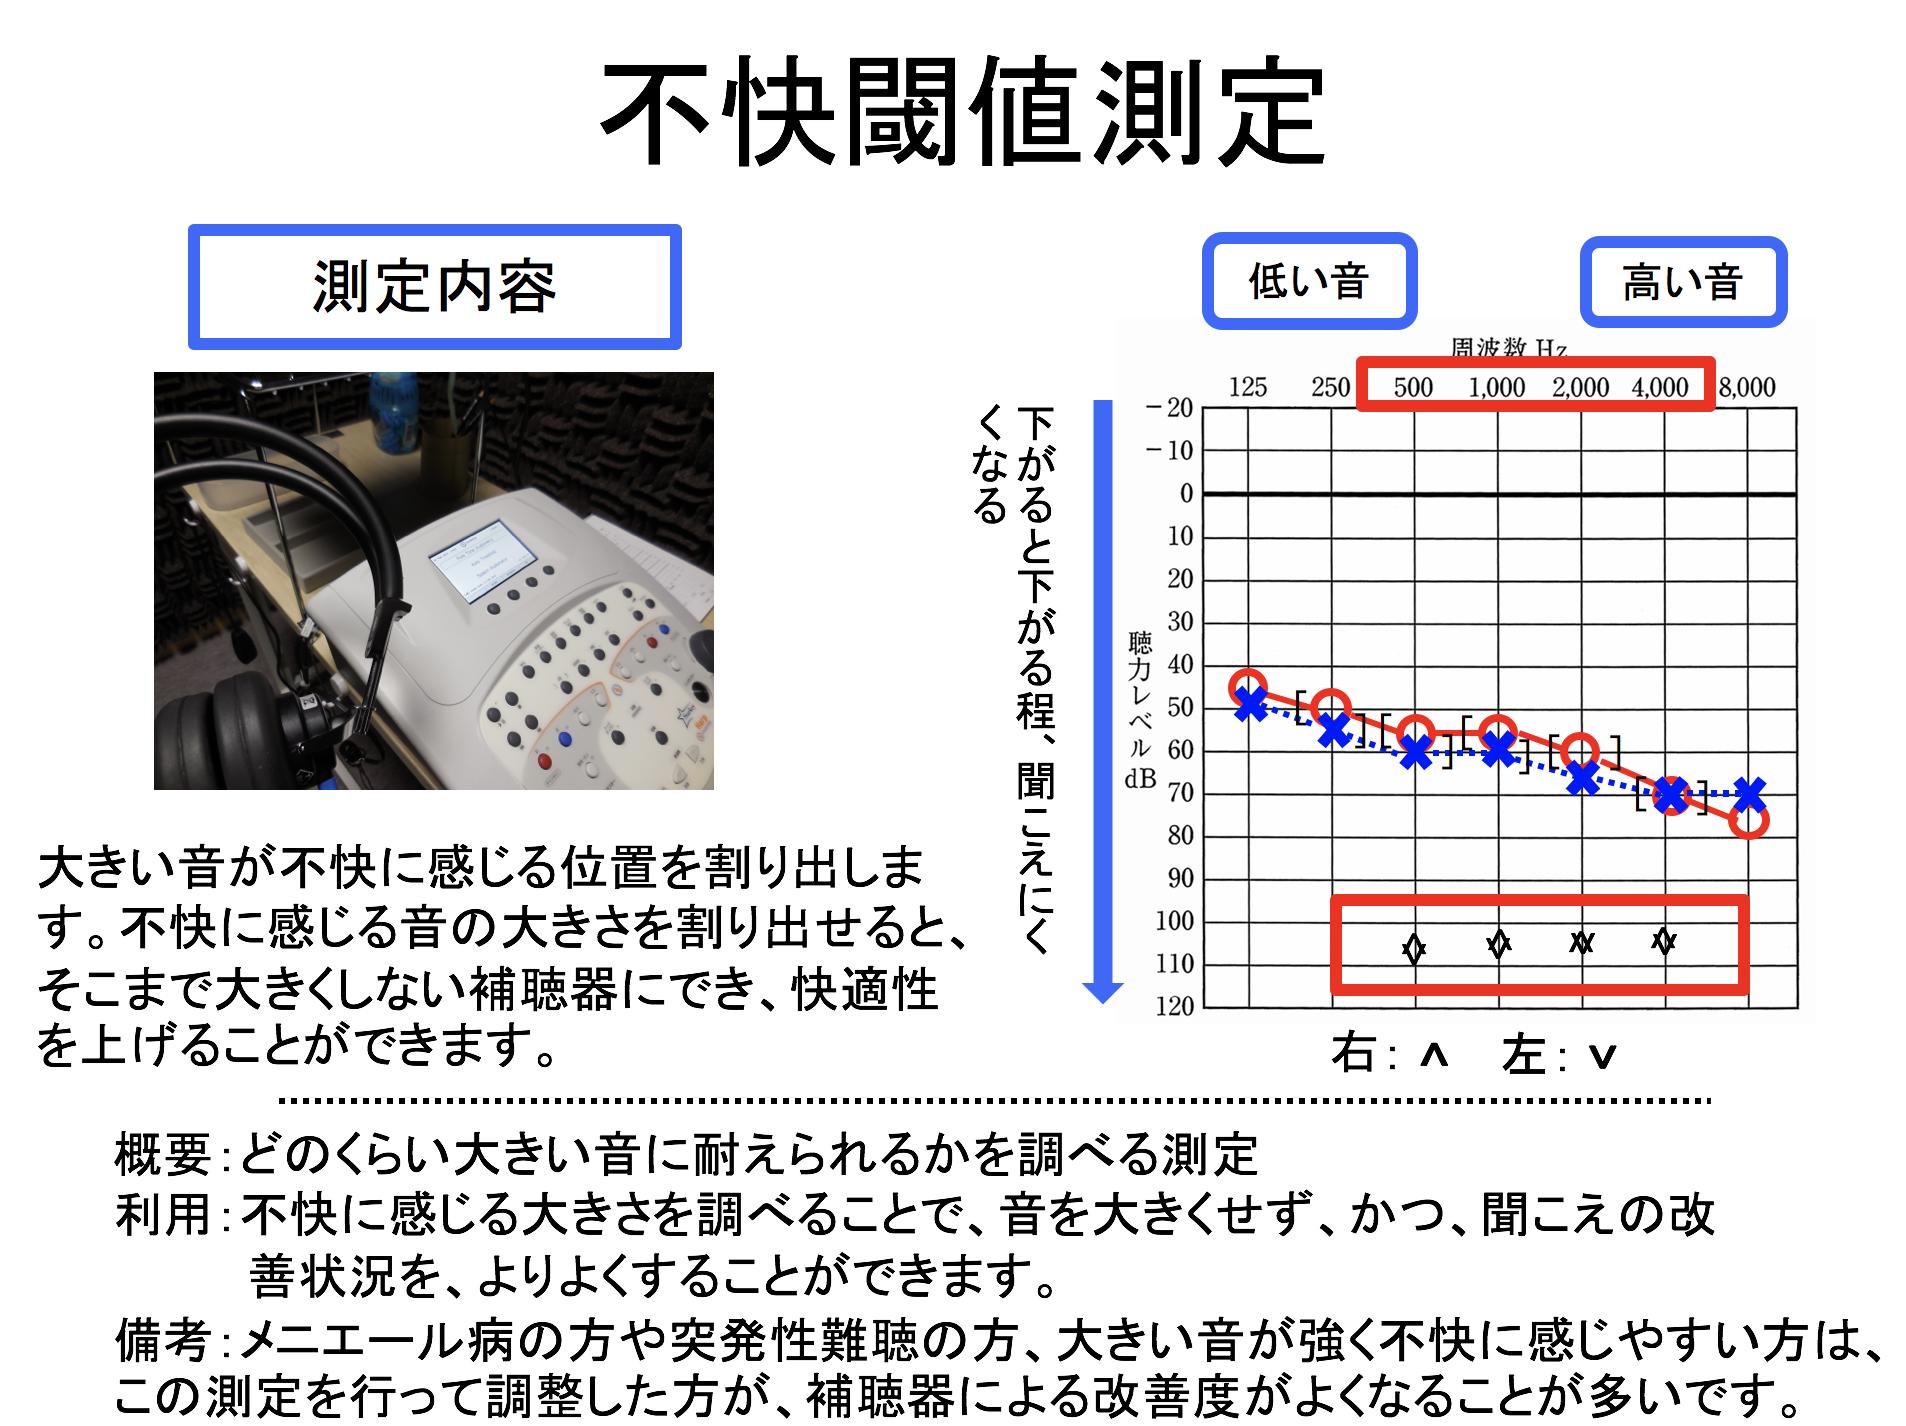 補聴器の世界には、大きな音の不快レベルを調べる測定があります。こちらで、より改善していくために、調べて、改善に役立てていきます。